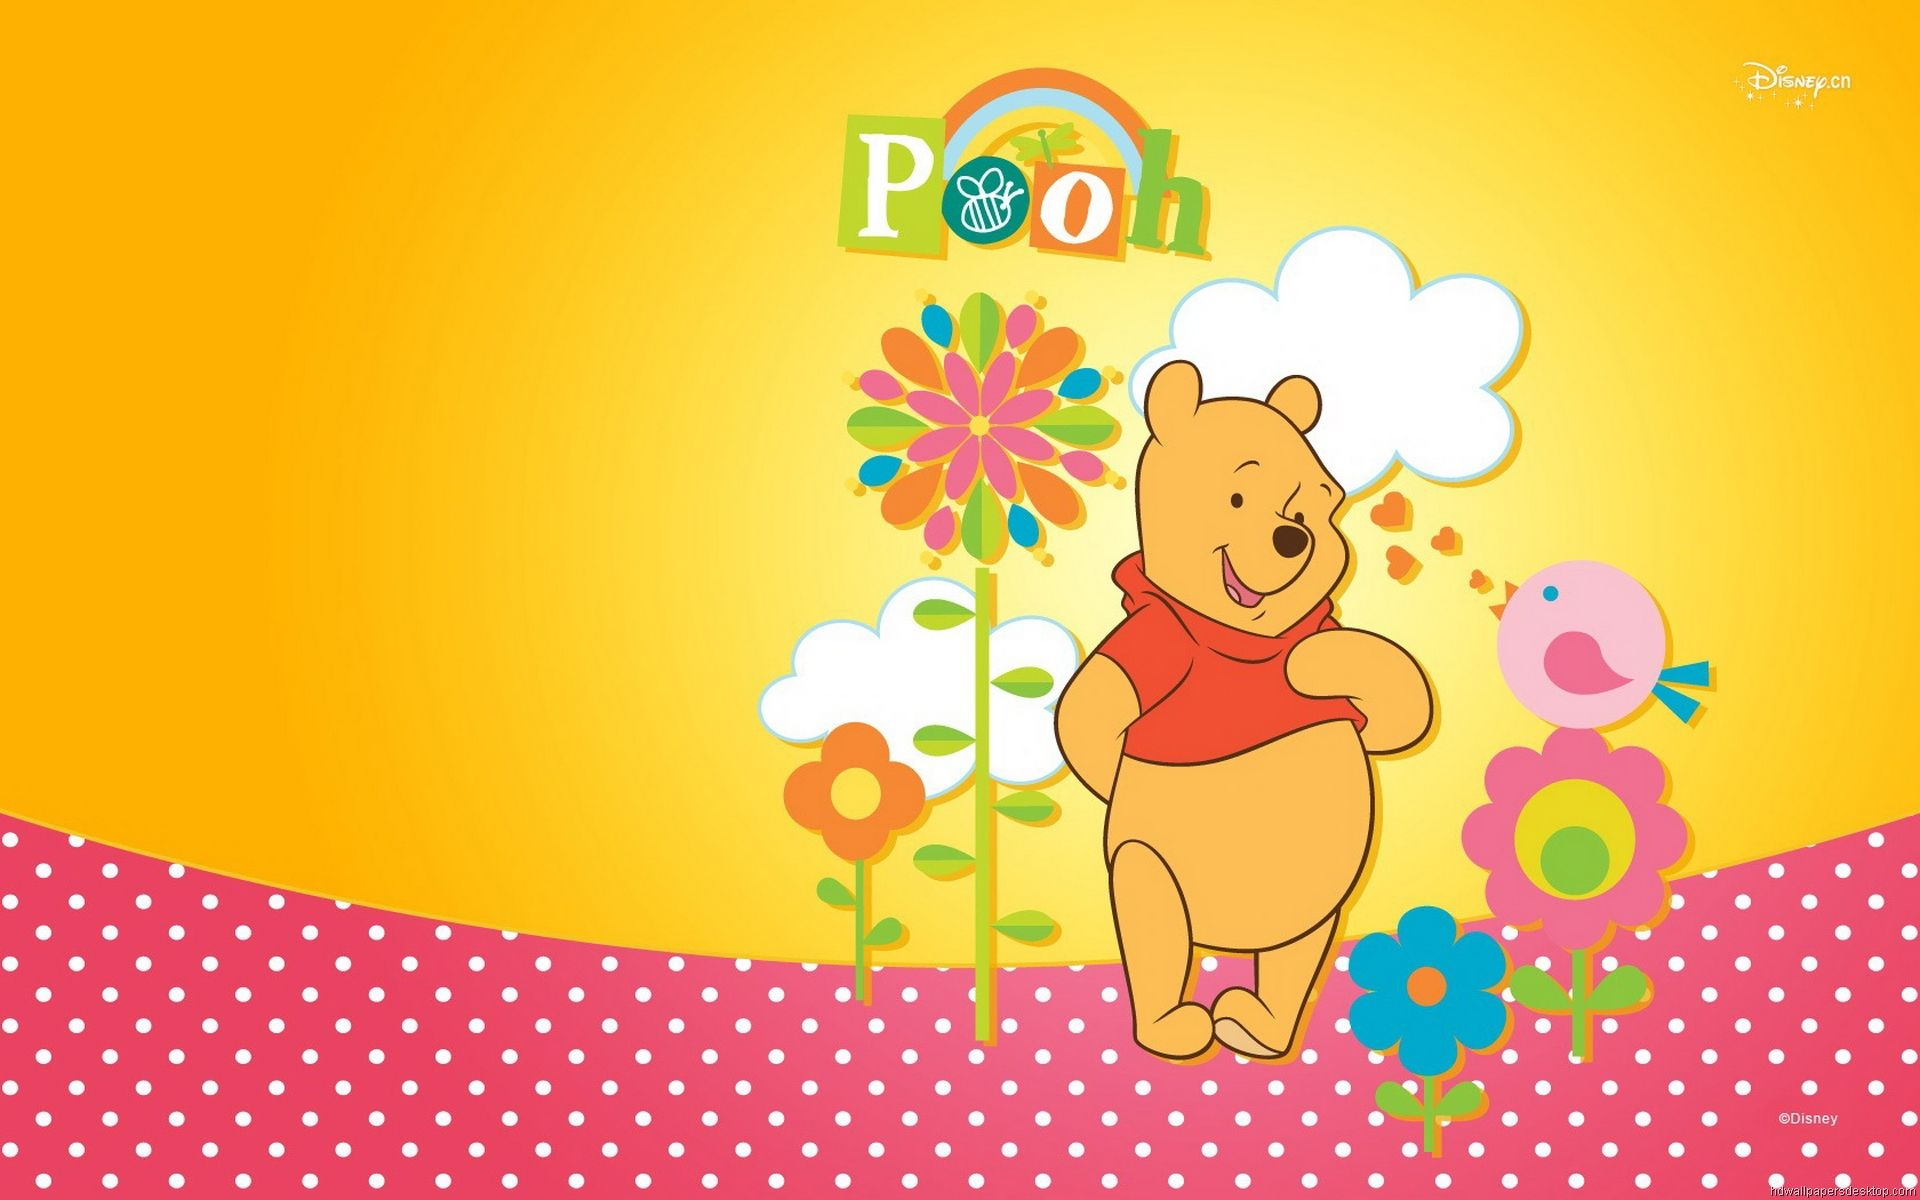 クマのプーさん壁紙デスクトップ クマのプーさん壁紙 1600x1000 Wallpapertip